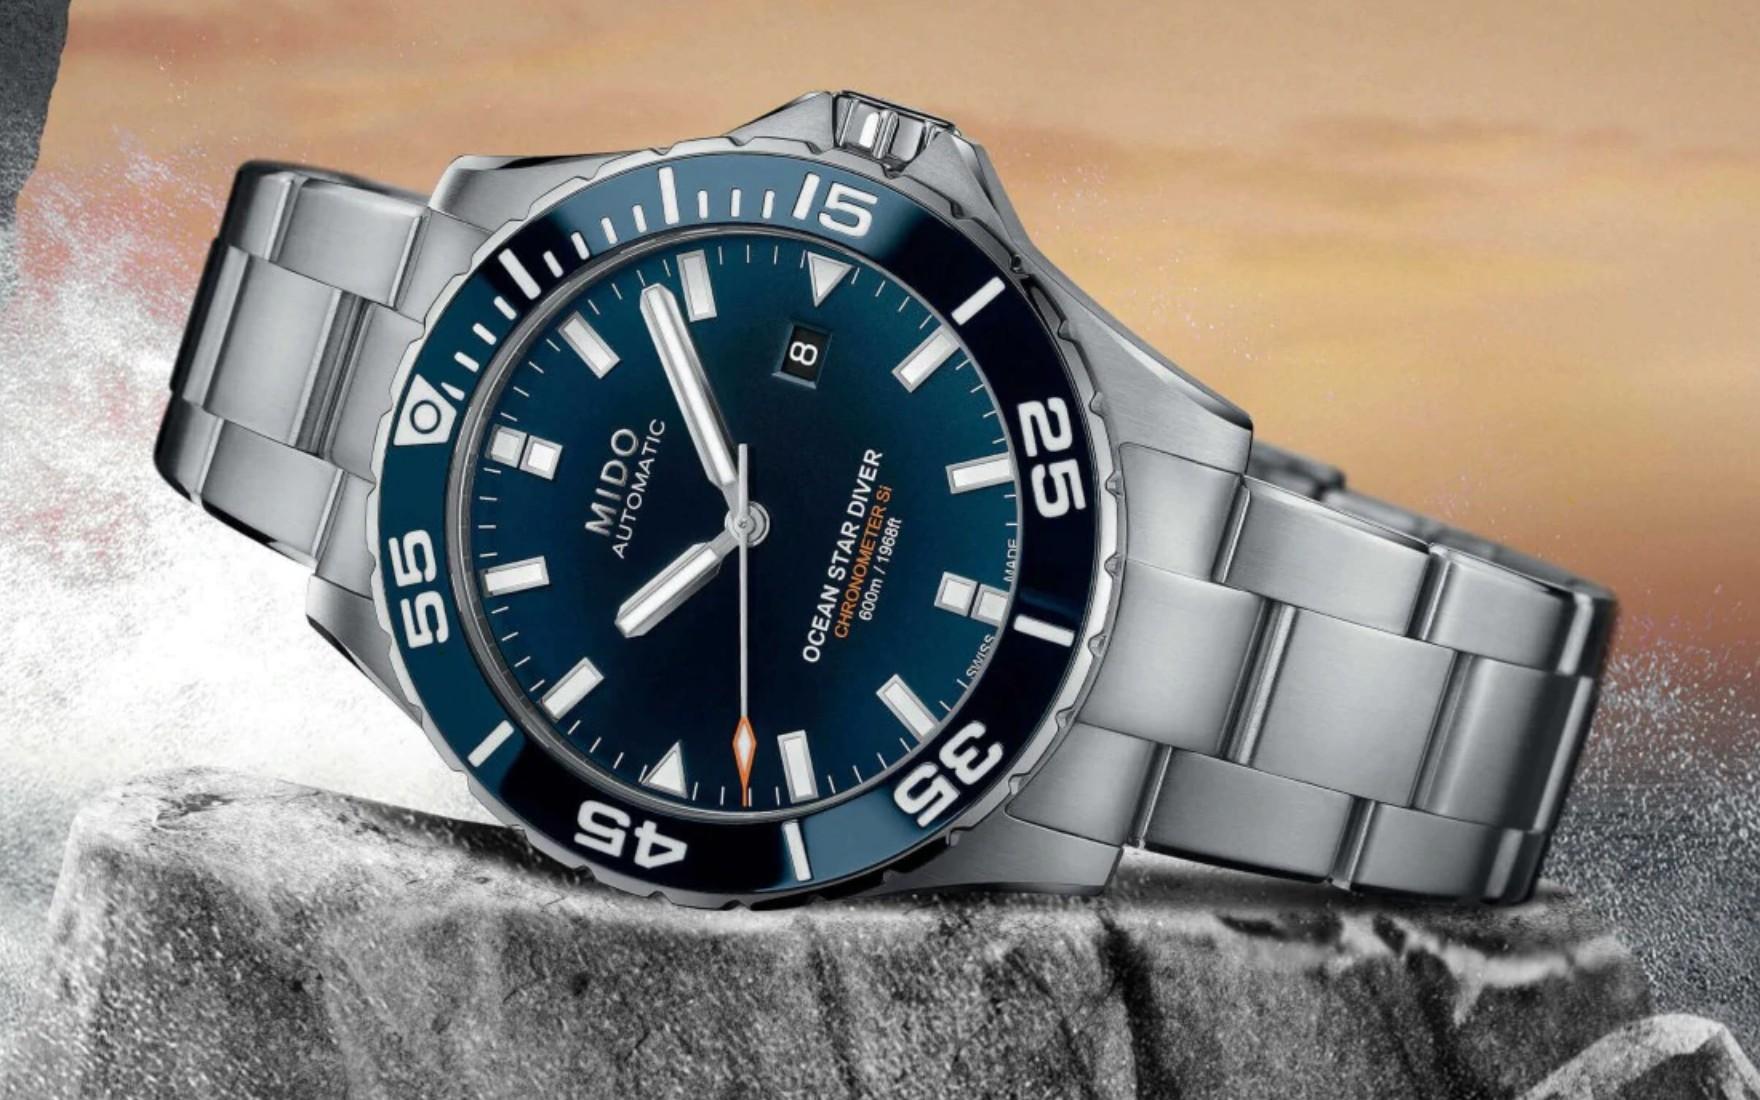 Cập nhật các mẫu đồng hồ Mido đang giảm giá rất sâu tại Mỹ